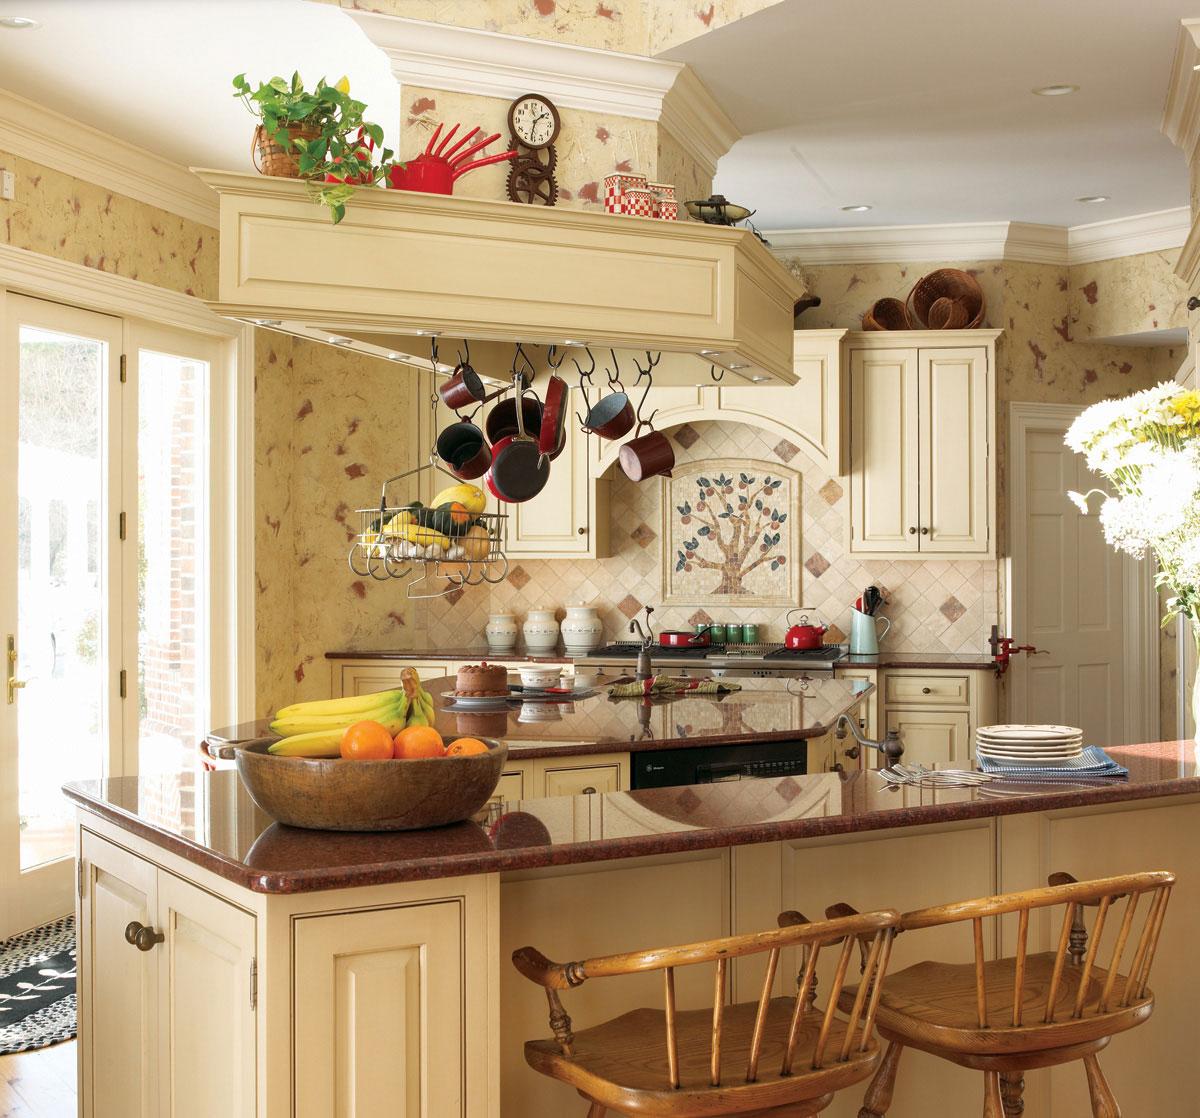 Кремовая кухня в стиле кантри с островом и барной стойкой